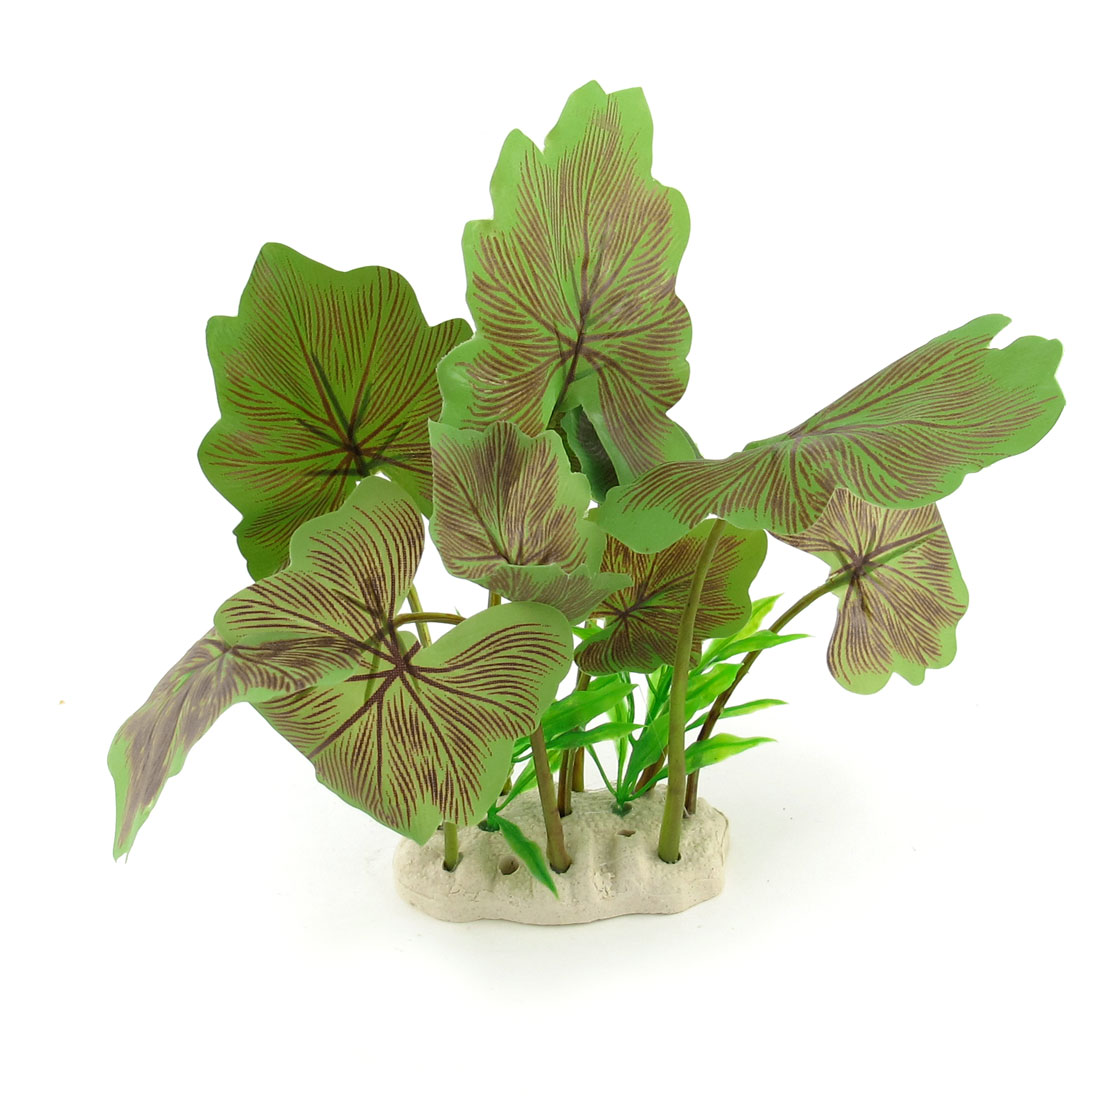 """7.3"""" High Green Simulation Aquarium Underwater Plant Tree Ornament"""